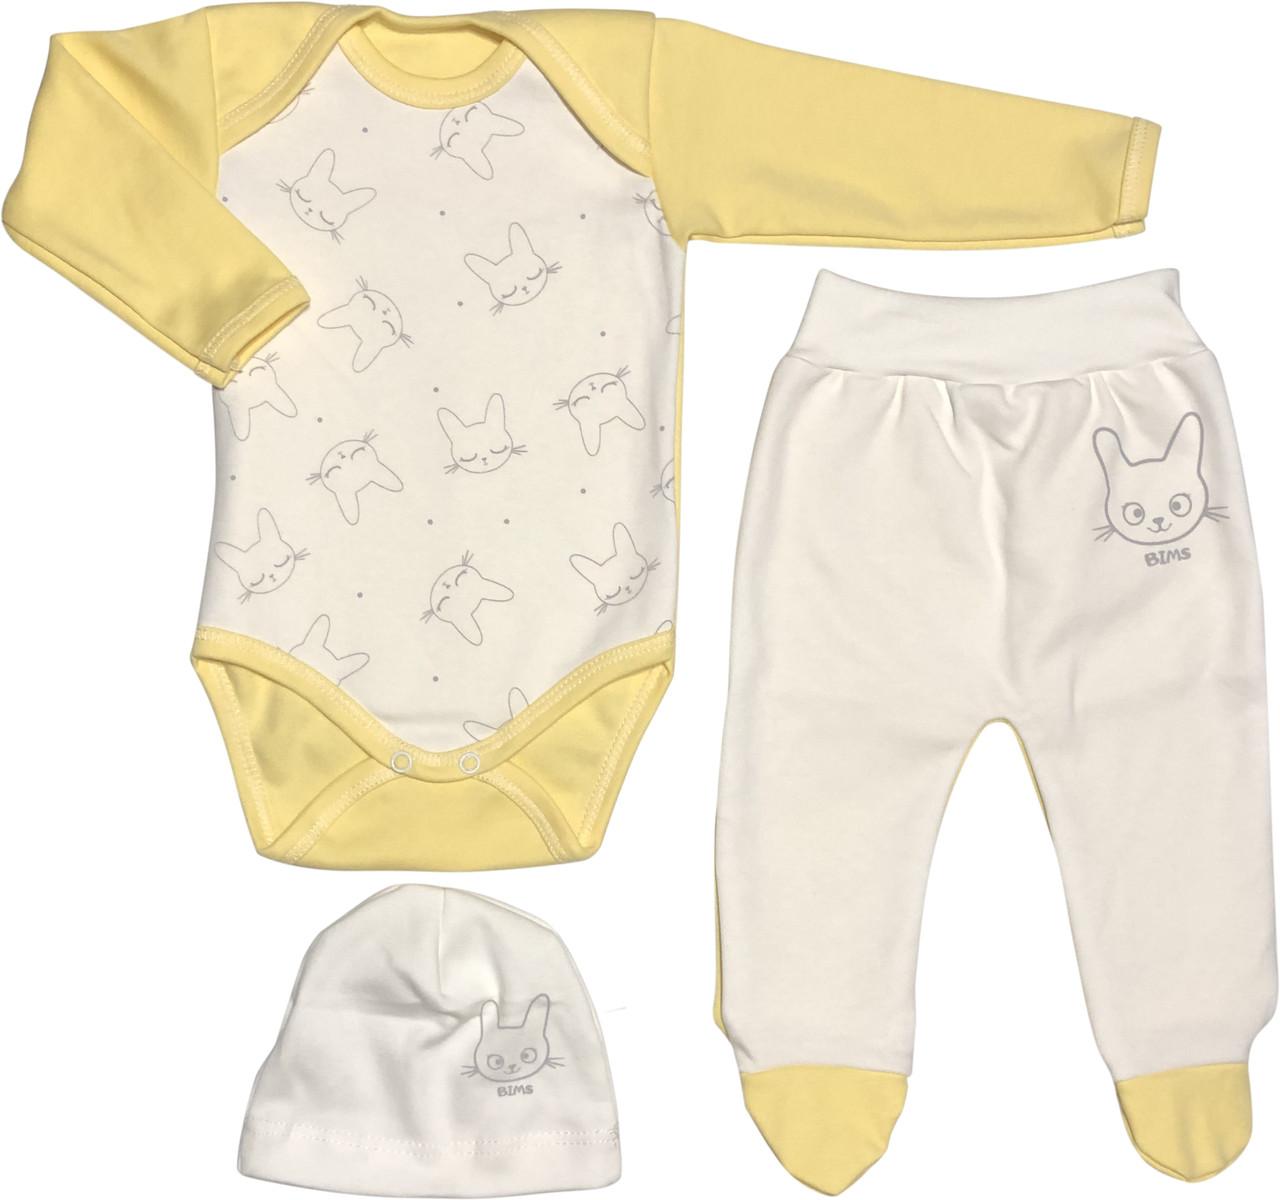 Тёплый костюм с начёсом для новорожденных рост 56 0-2 мес на мальчика девочку комплект трикотажный жёлтый